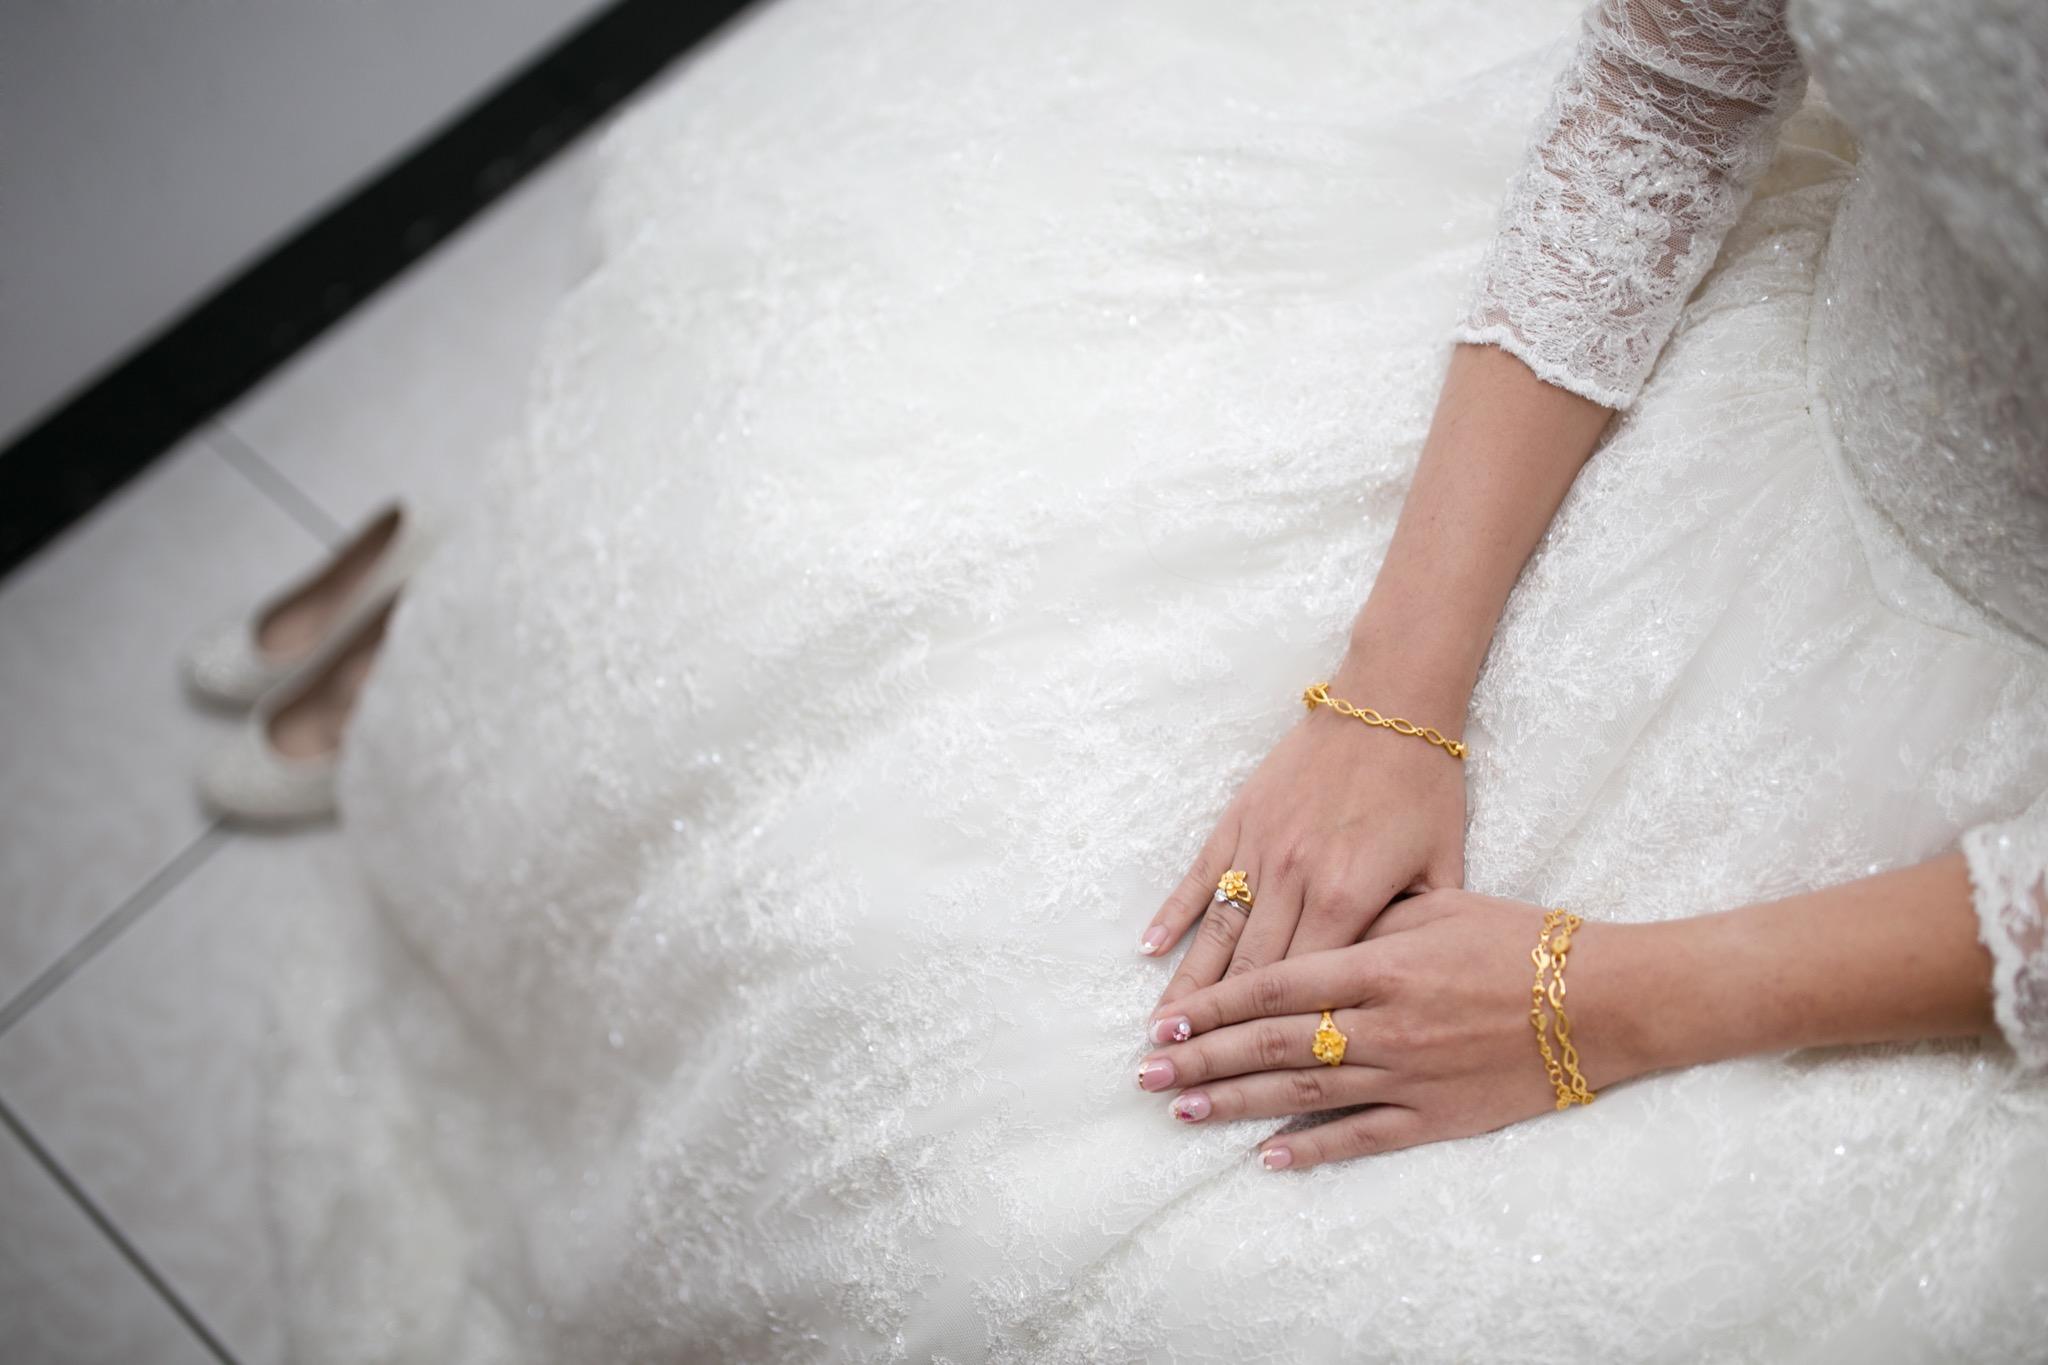 尚順君樂飯店,新竹迎娶晚宴,台中婚錄推薦32